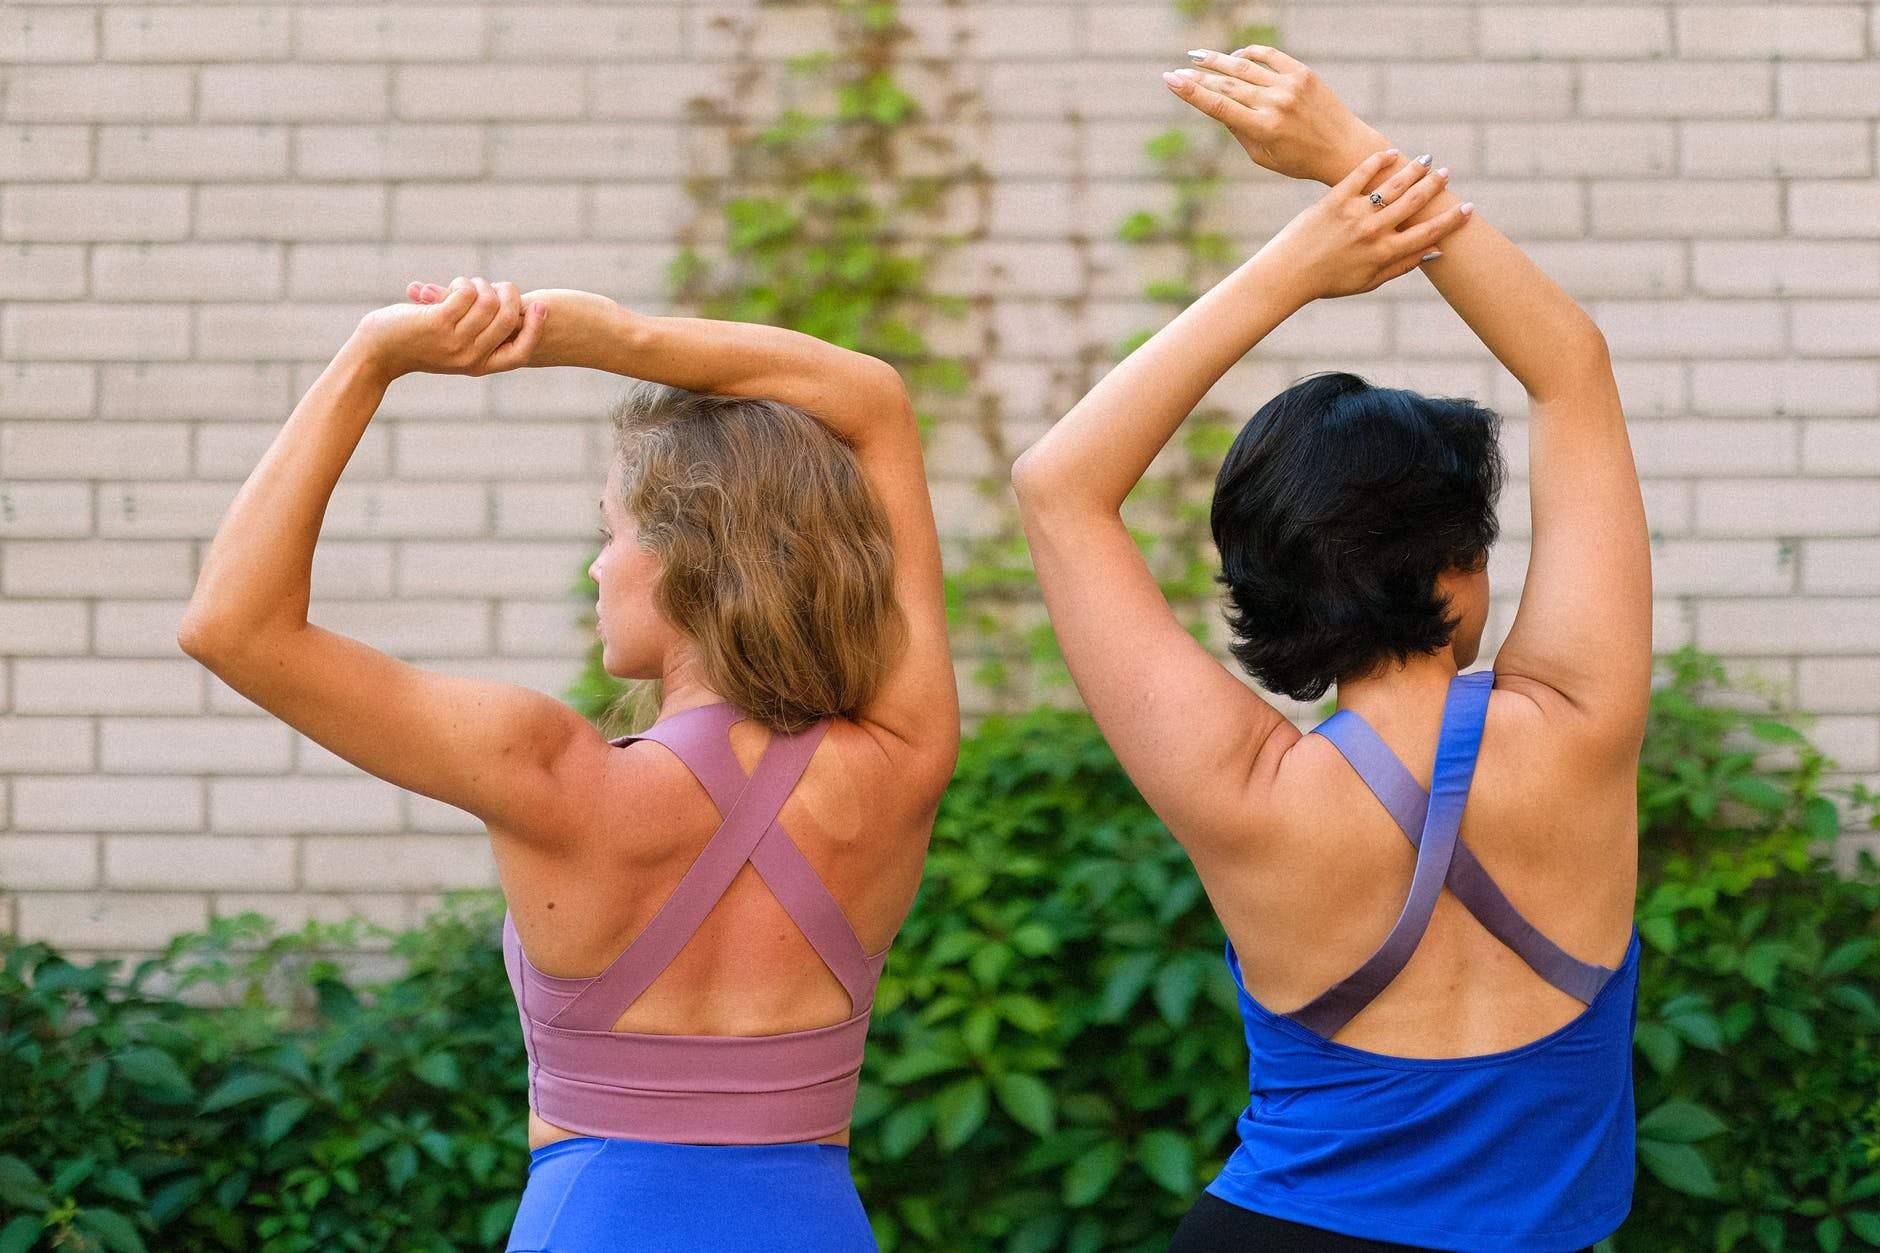 Фізична активність покращує функції мозку